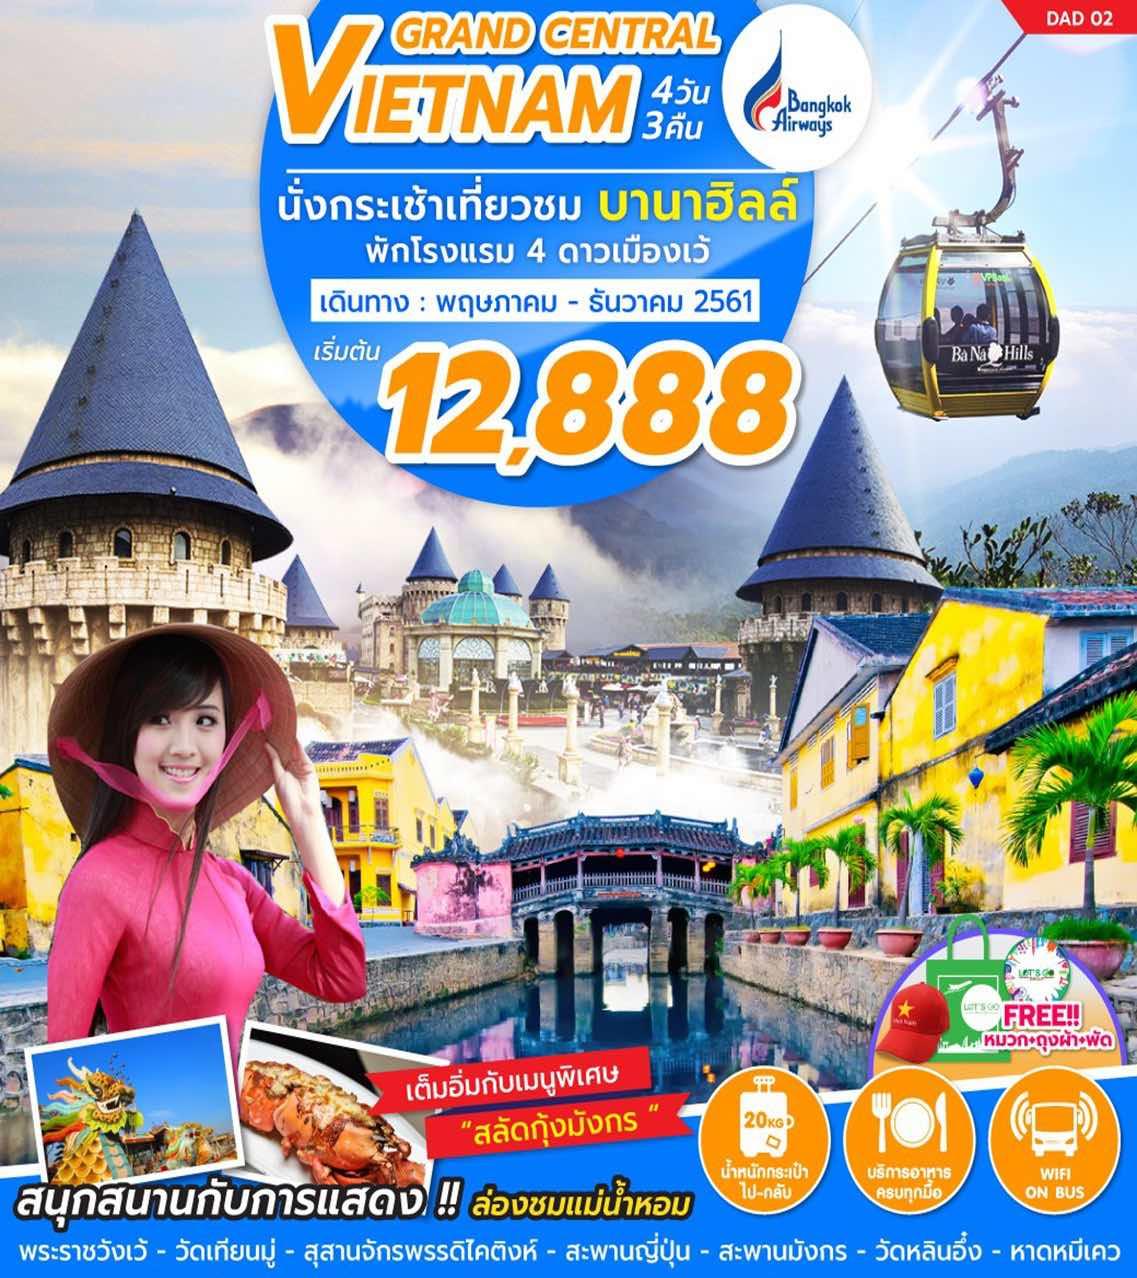 ซินจ่าวเวียดนามกลาง สุดคุ้ม!! เว้-ดานัง-ฮอยอัน  นั่งกระเช้าสู่บานาฮิลล์ 4 วัน 3 คืน โดย Bangkok Airways